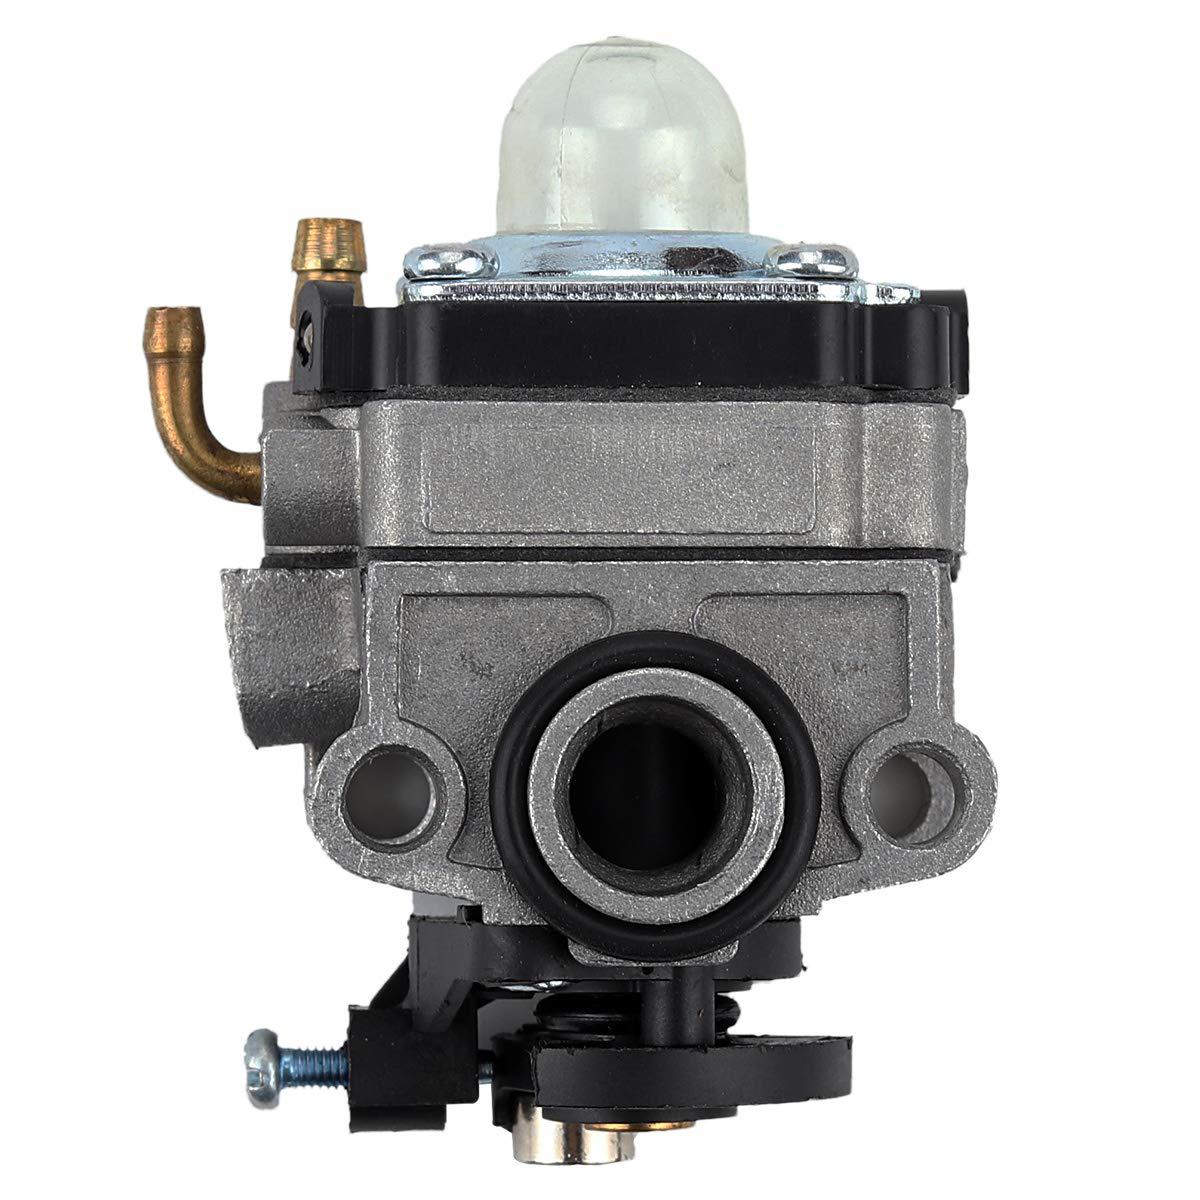 Allong 753-06442 753-08045 Carburetor Primer Bulb Fuel Filter Line ...